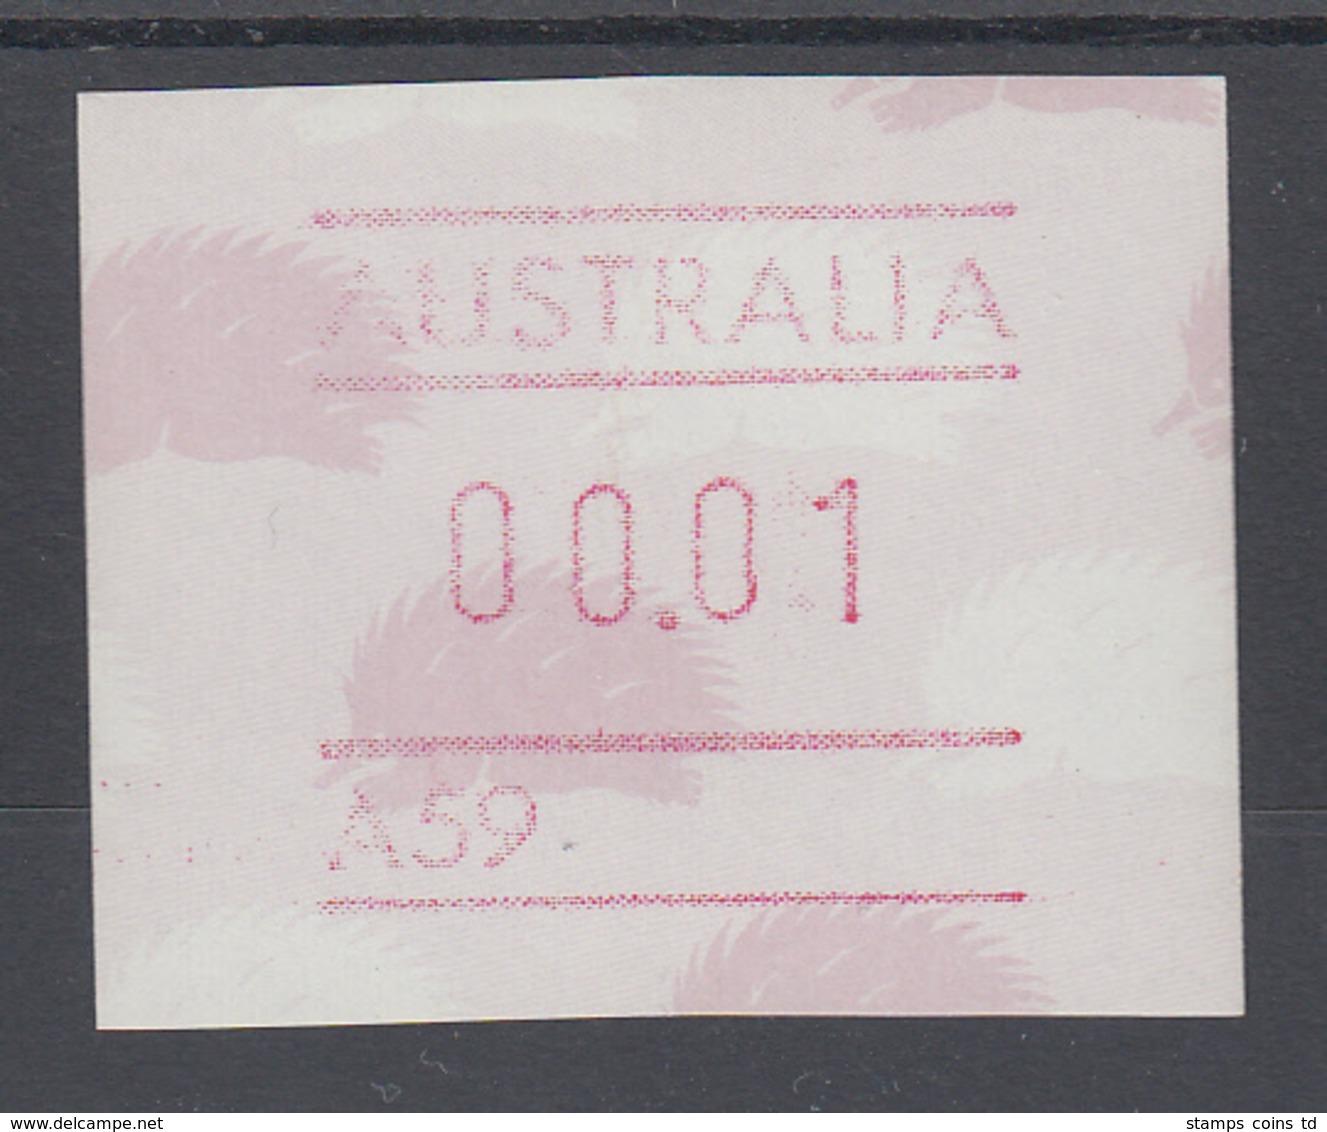 Australien Frama-ATM 4. Ausgabe 1987 Ameisenigel, Fehlverwendung Mit A-Nummer ** - Vignette Di Affrancatura (ATM/Frama)